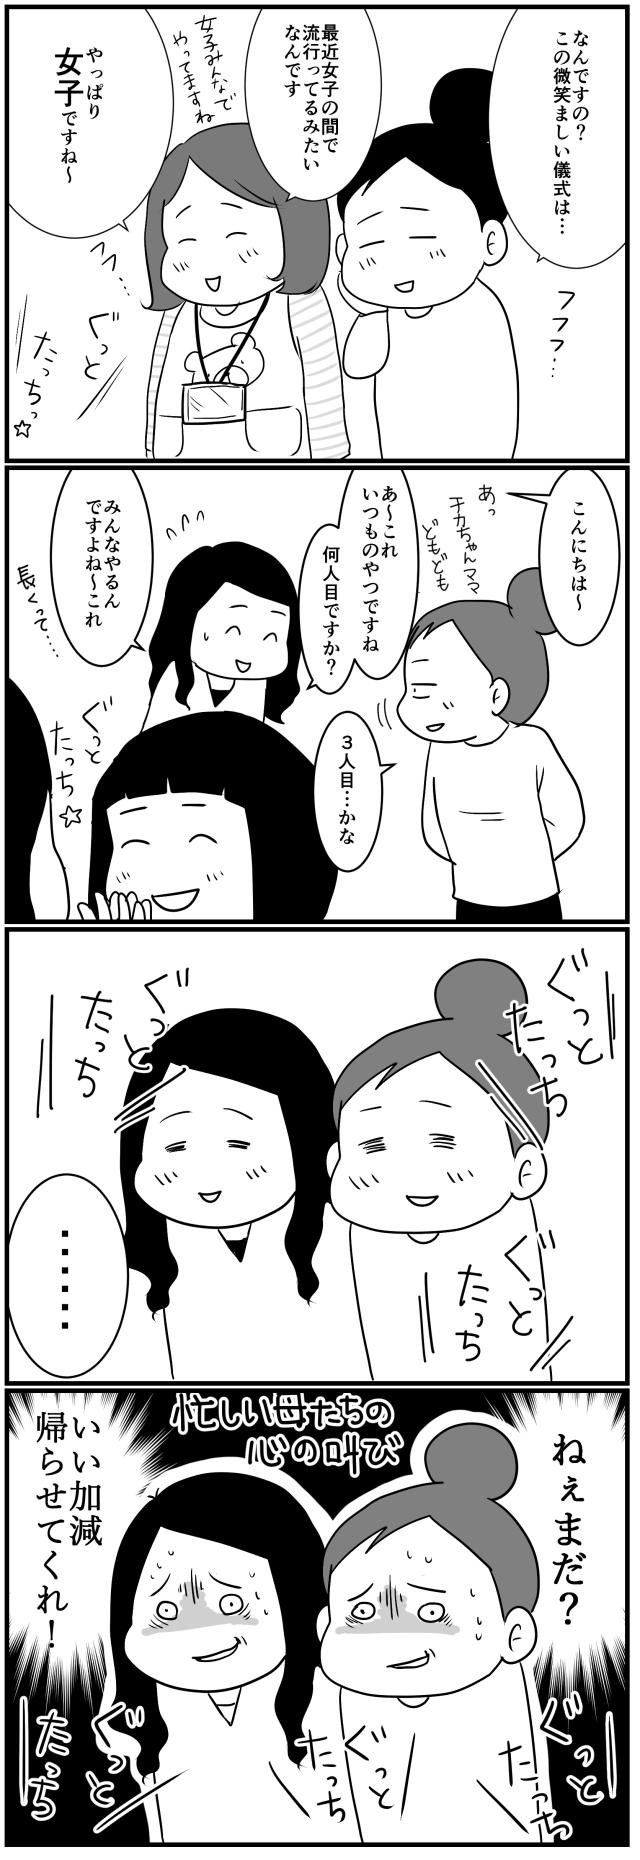 微笑ましいのは最初だけ?保育園の帰りに行われる女子たちの謎の儀式の画像2